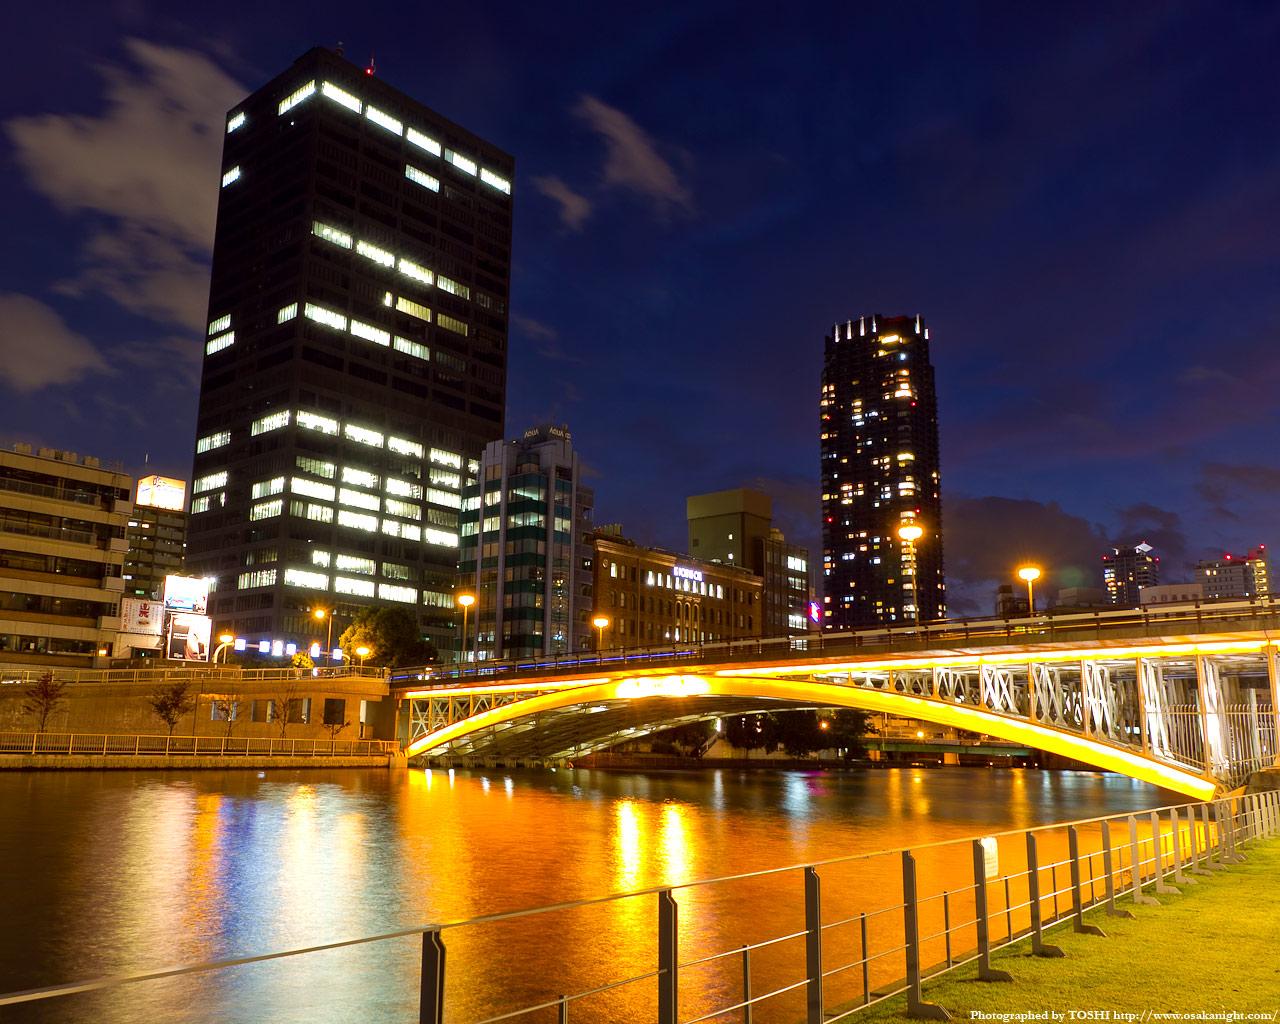 天神橋のライトアップ夜景1